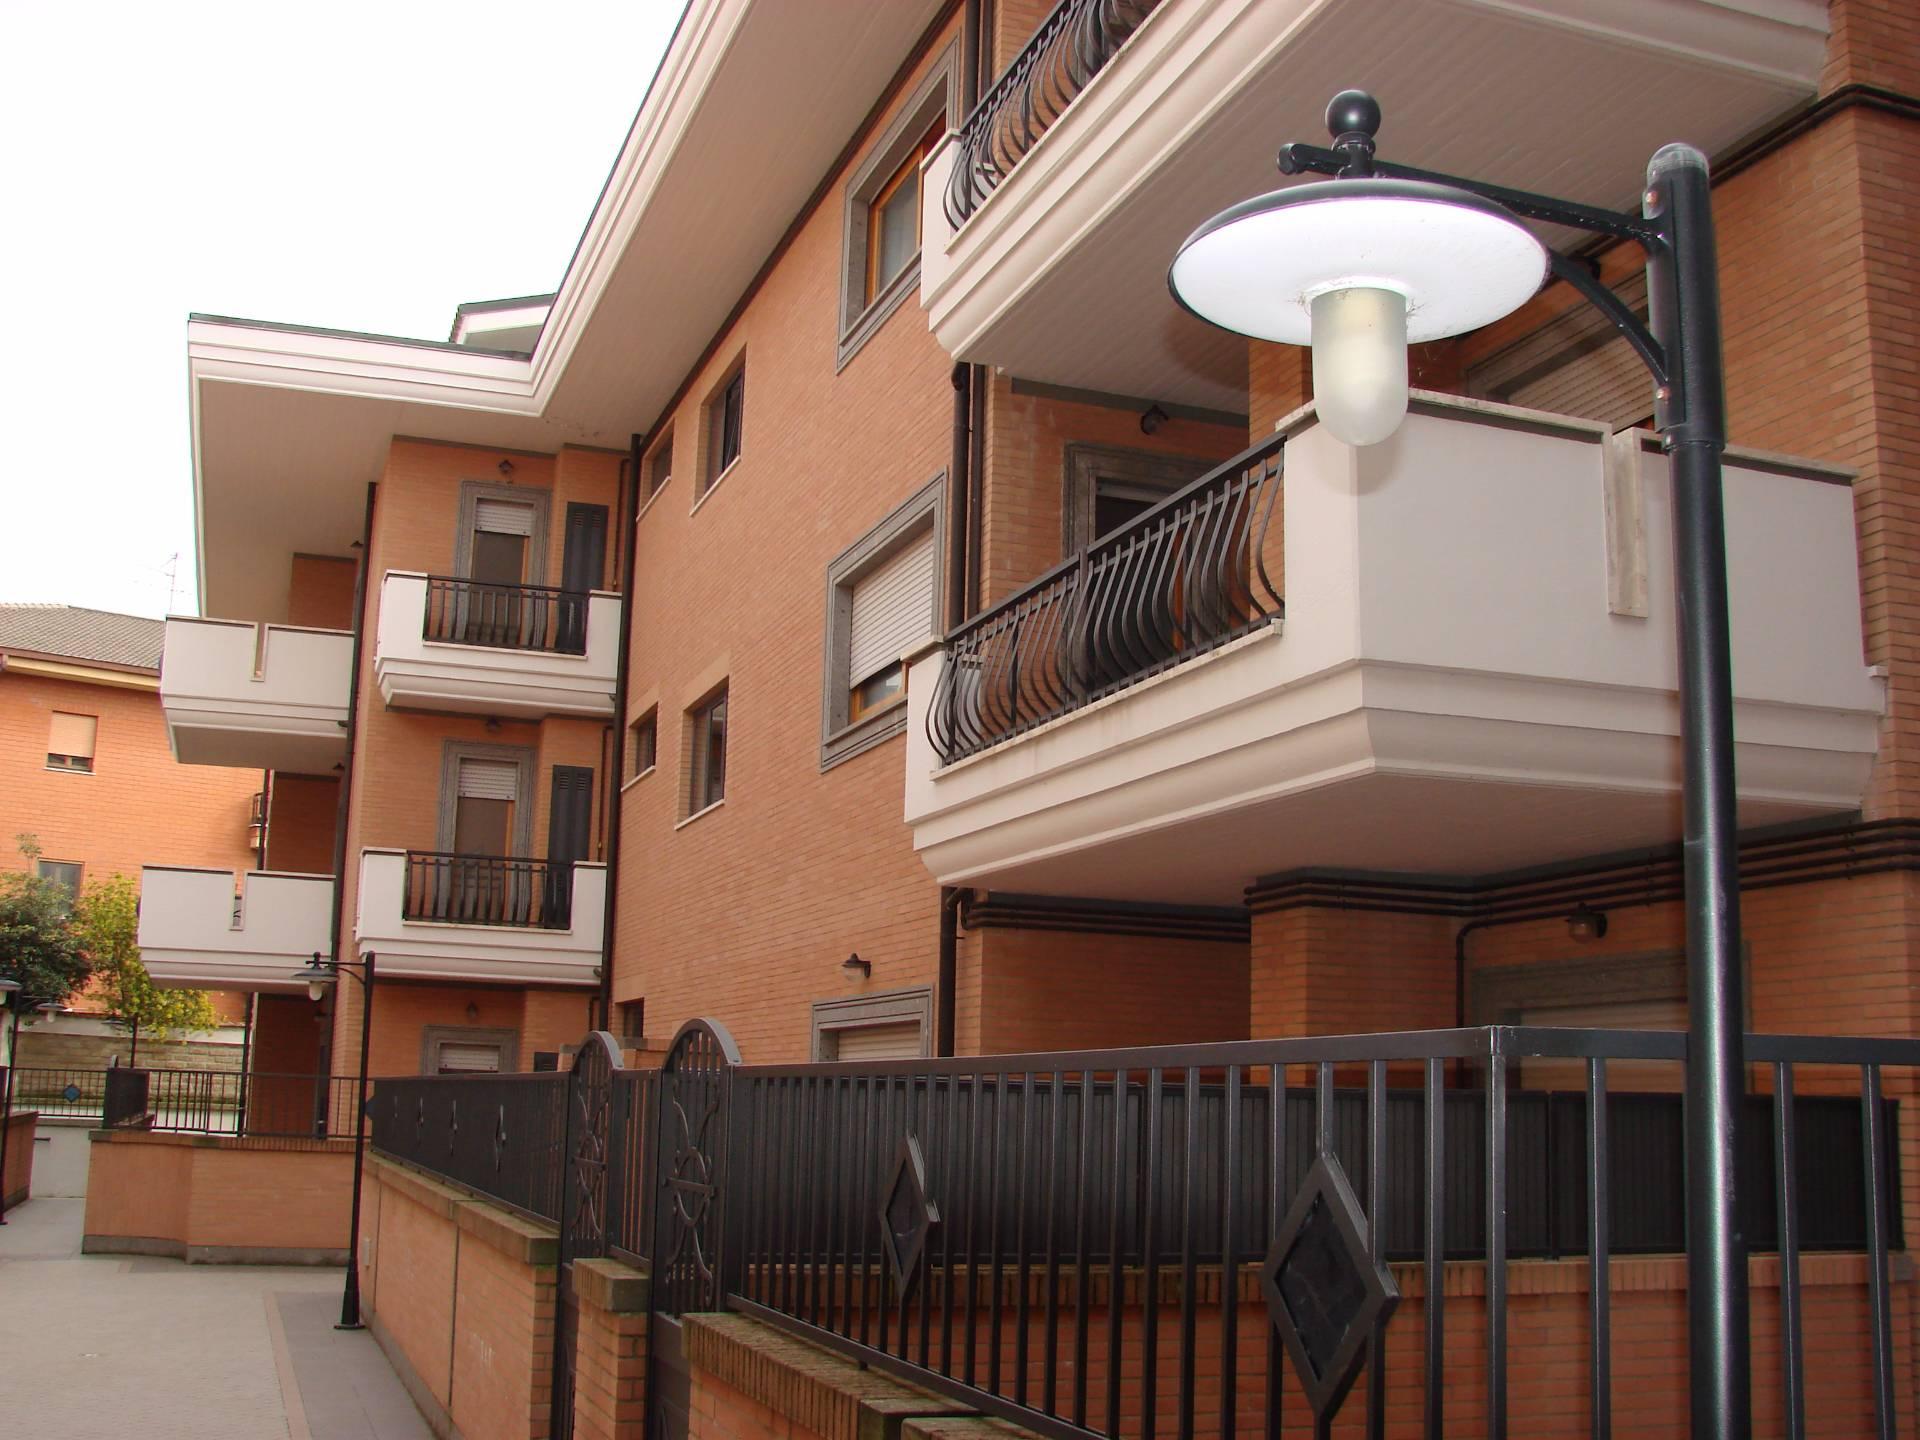 Attico / Mansarda in affitto a Marino, 5 locali, zona Località: S.aMariadelleMole, prezzo € 950 | Cambio Casa.it